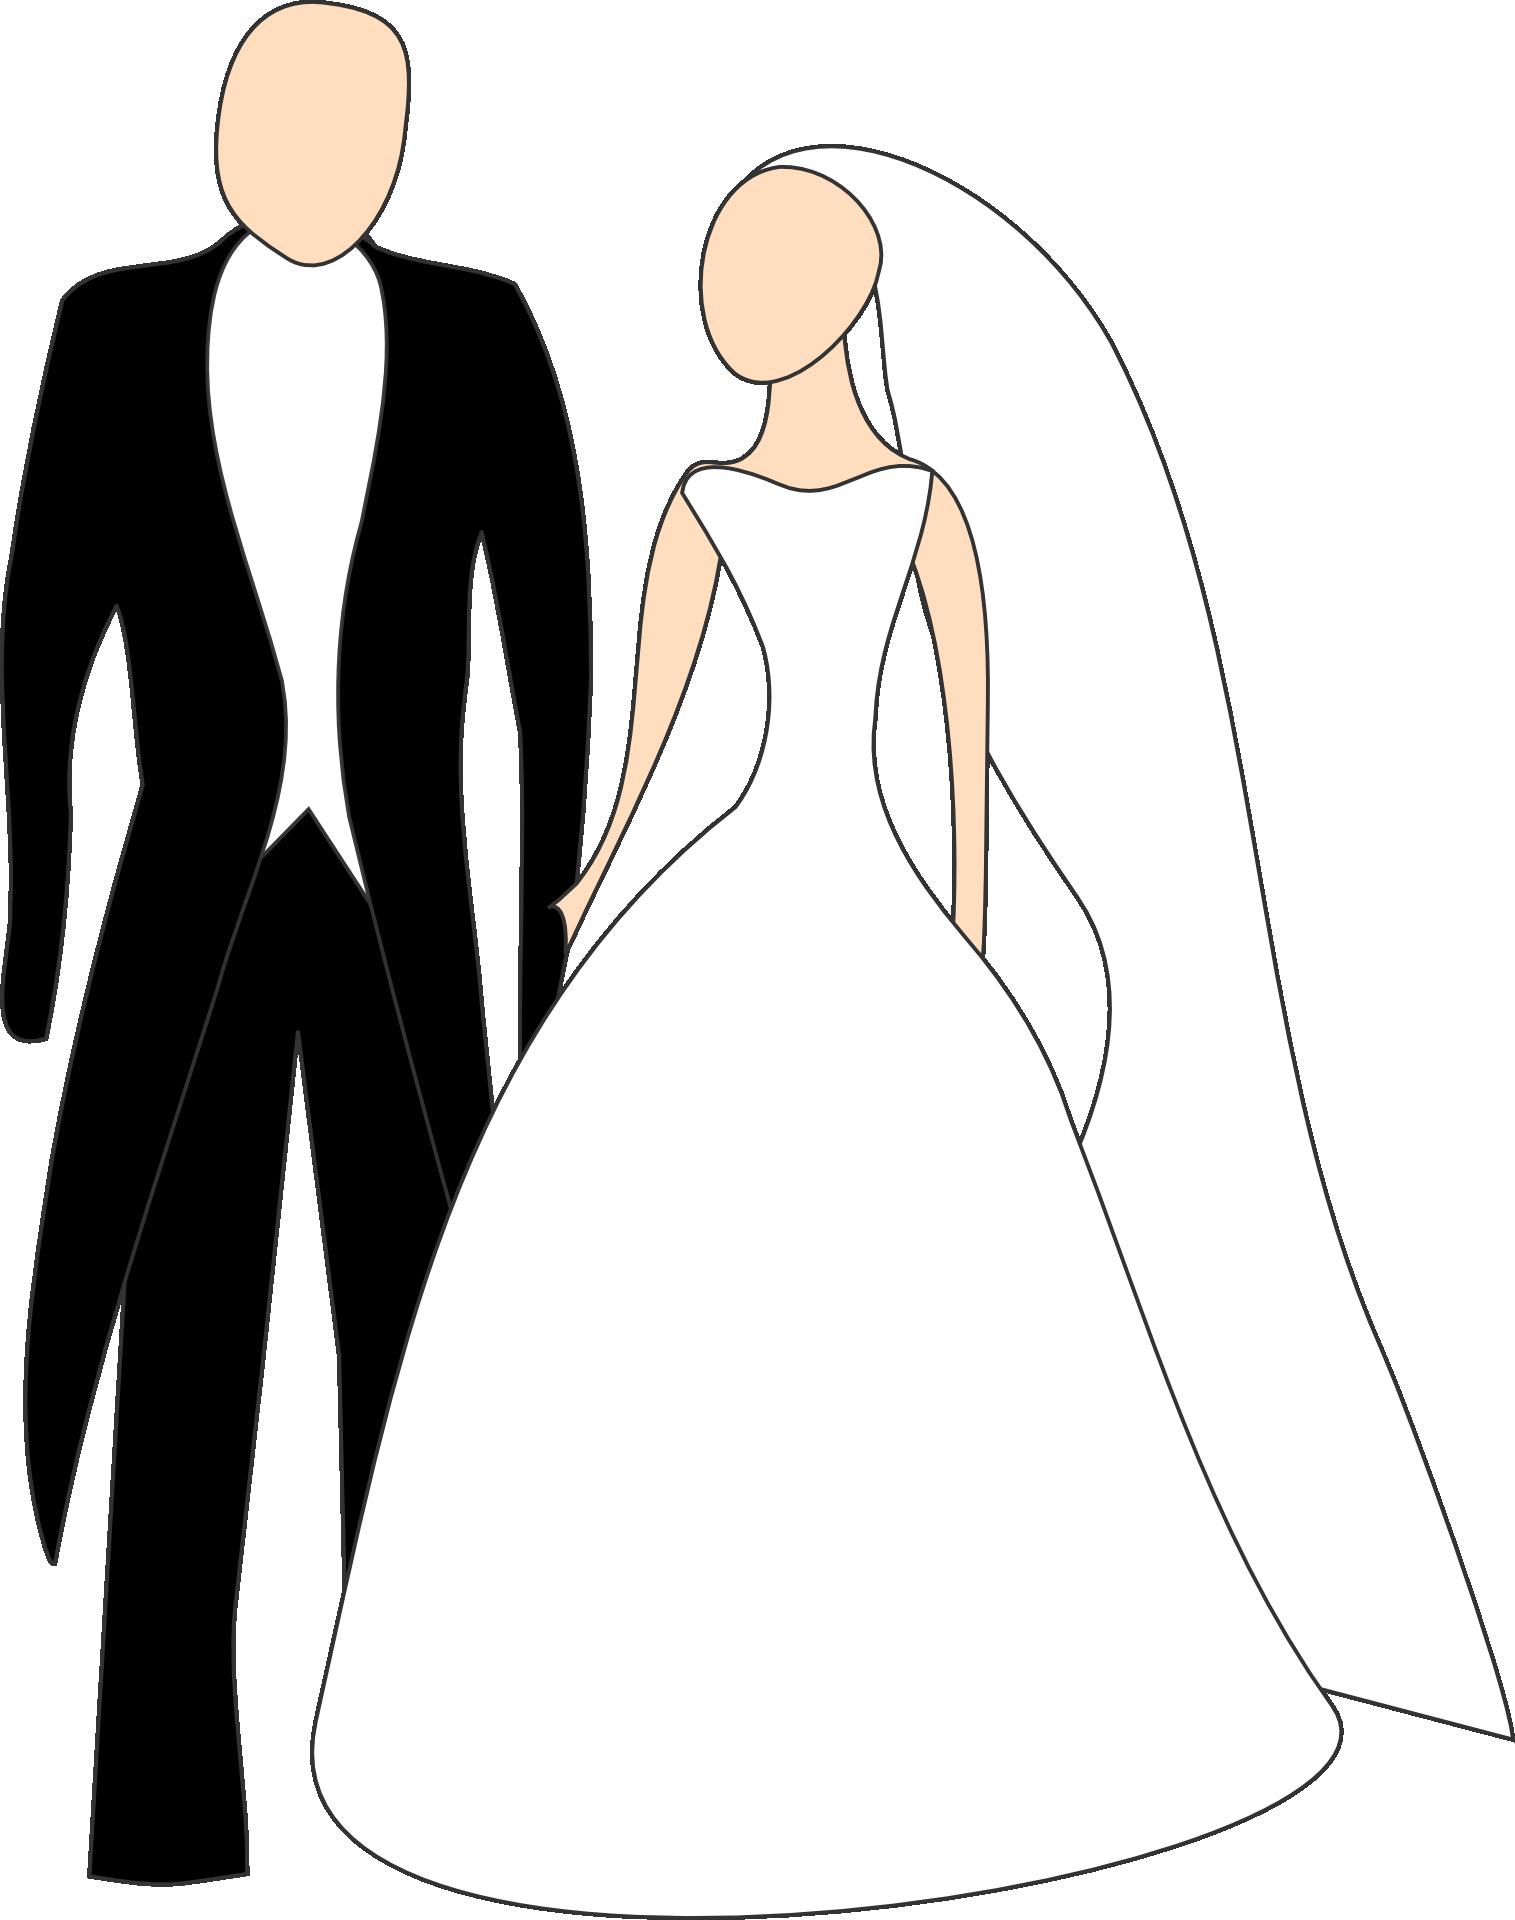 images clipart mariage gratuites - photo #42